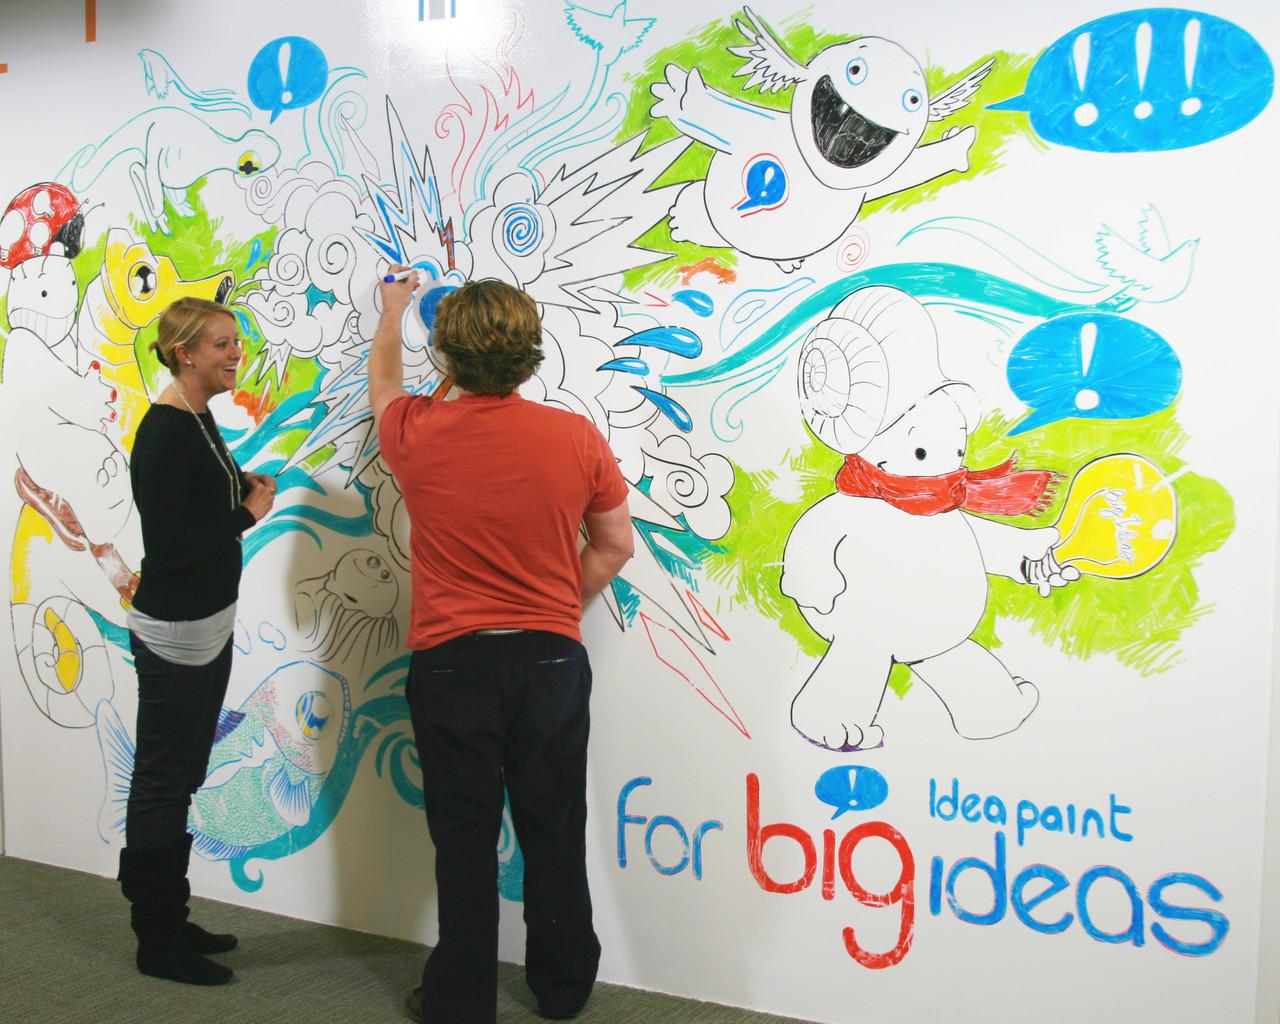 Краска Idea Paint на стене